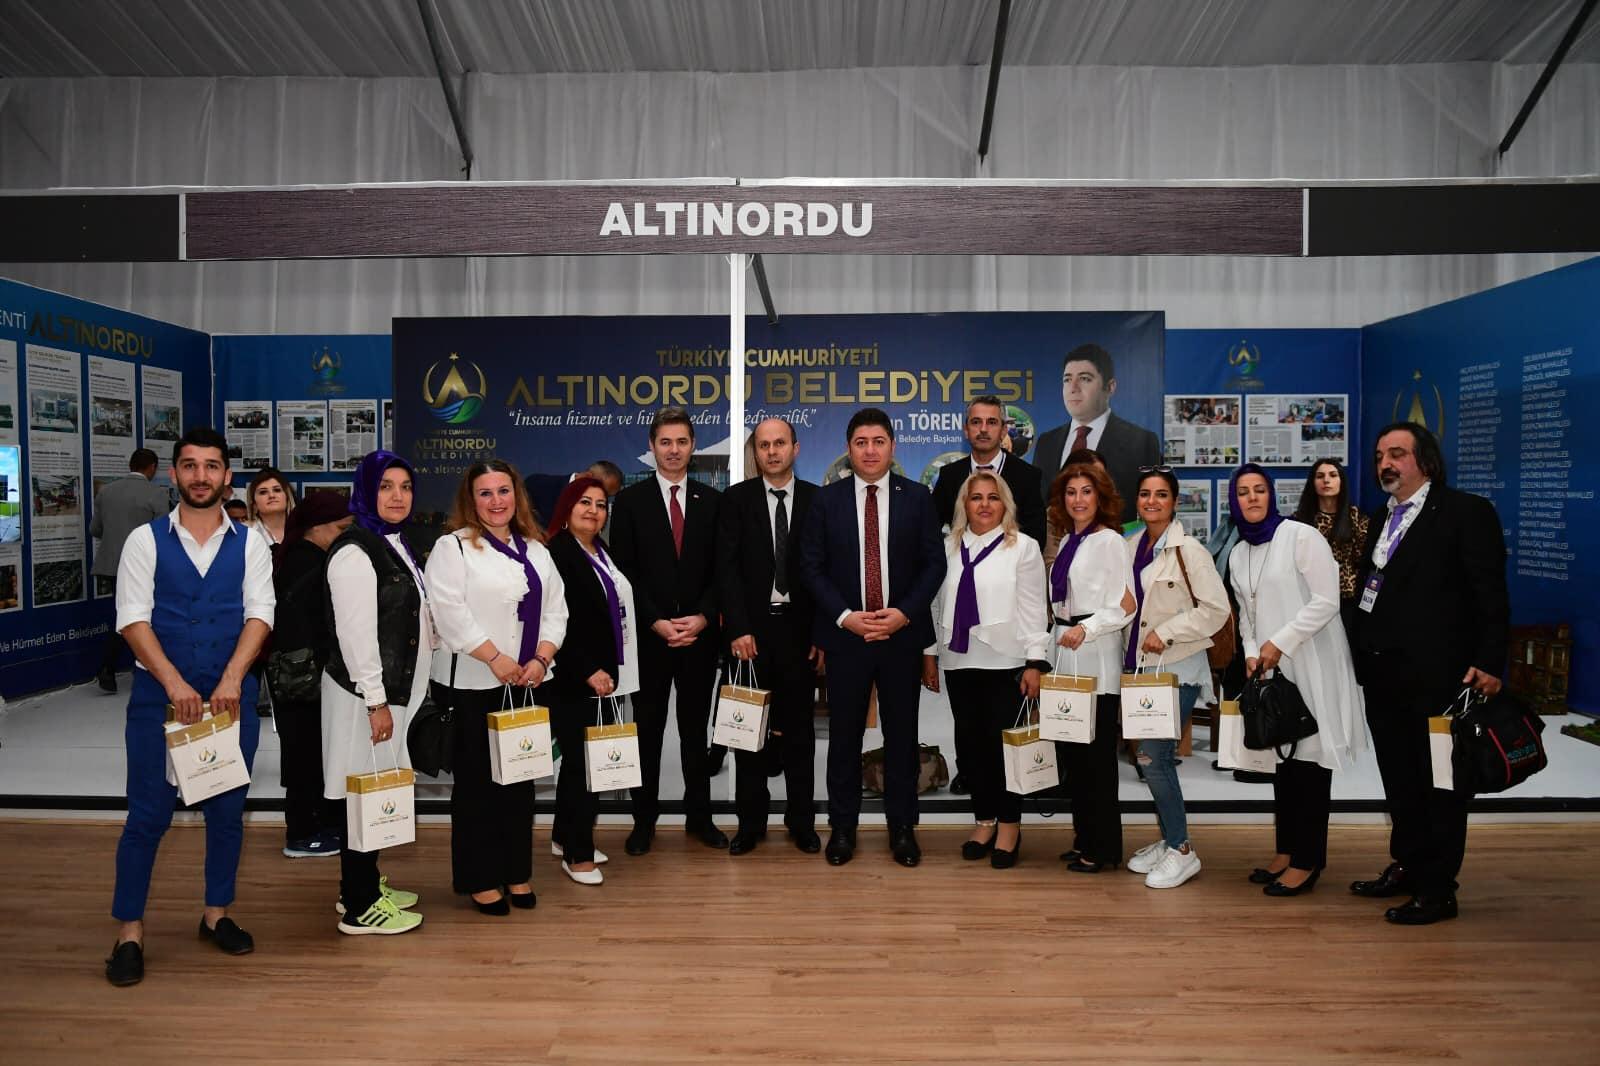 ALTINORDU BELEDİYESİ, İSTANBUL'DA